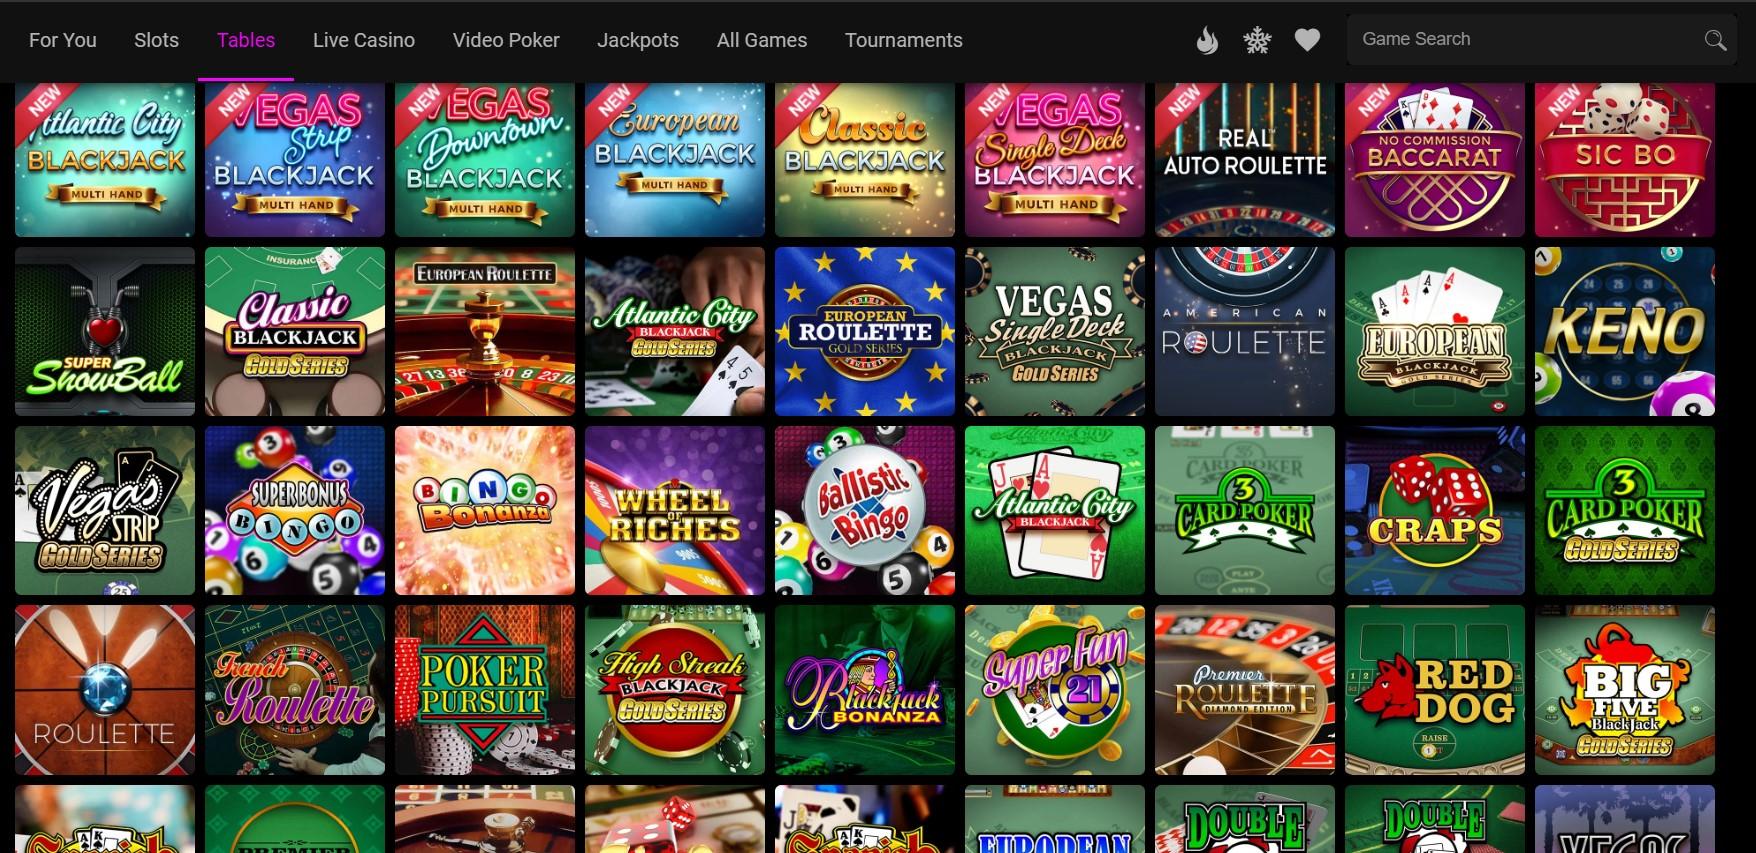 Jackpotcity Casino tables